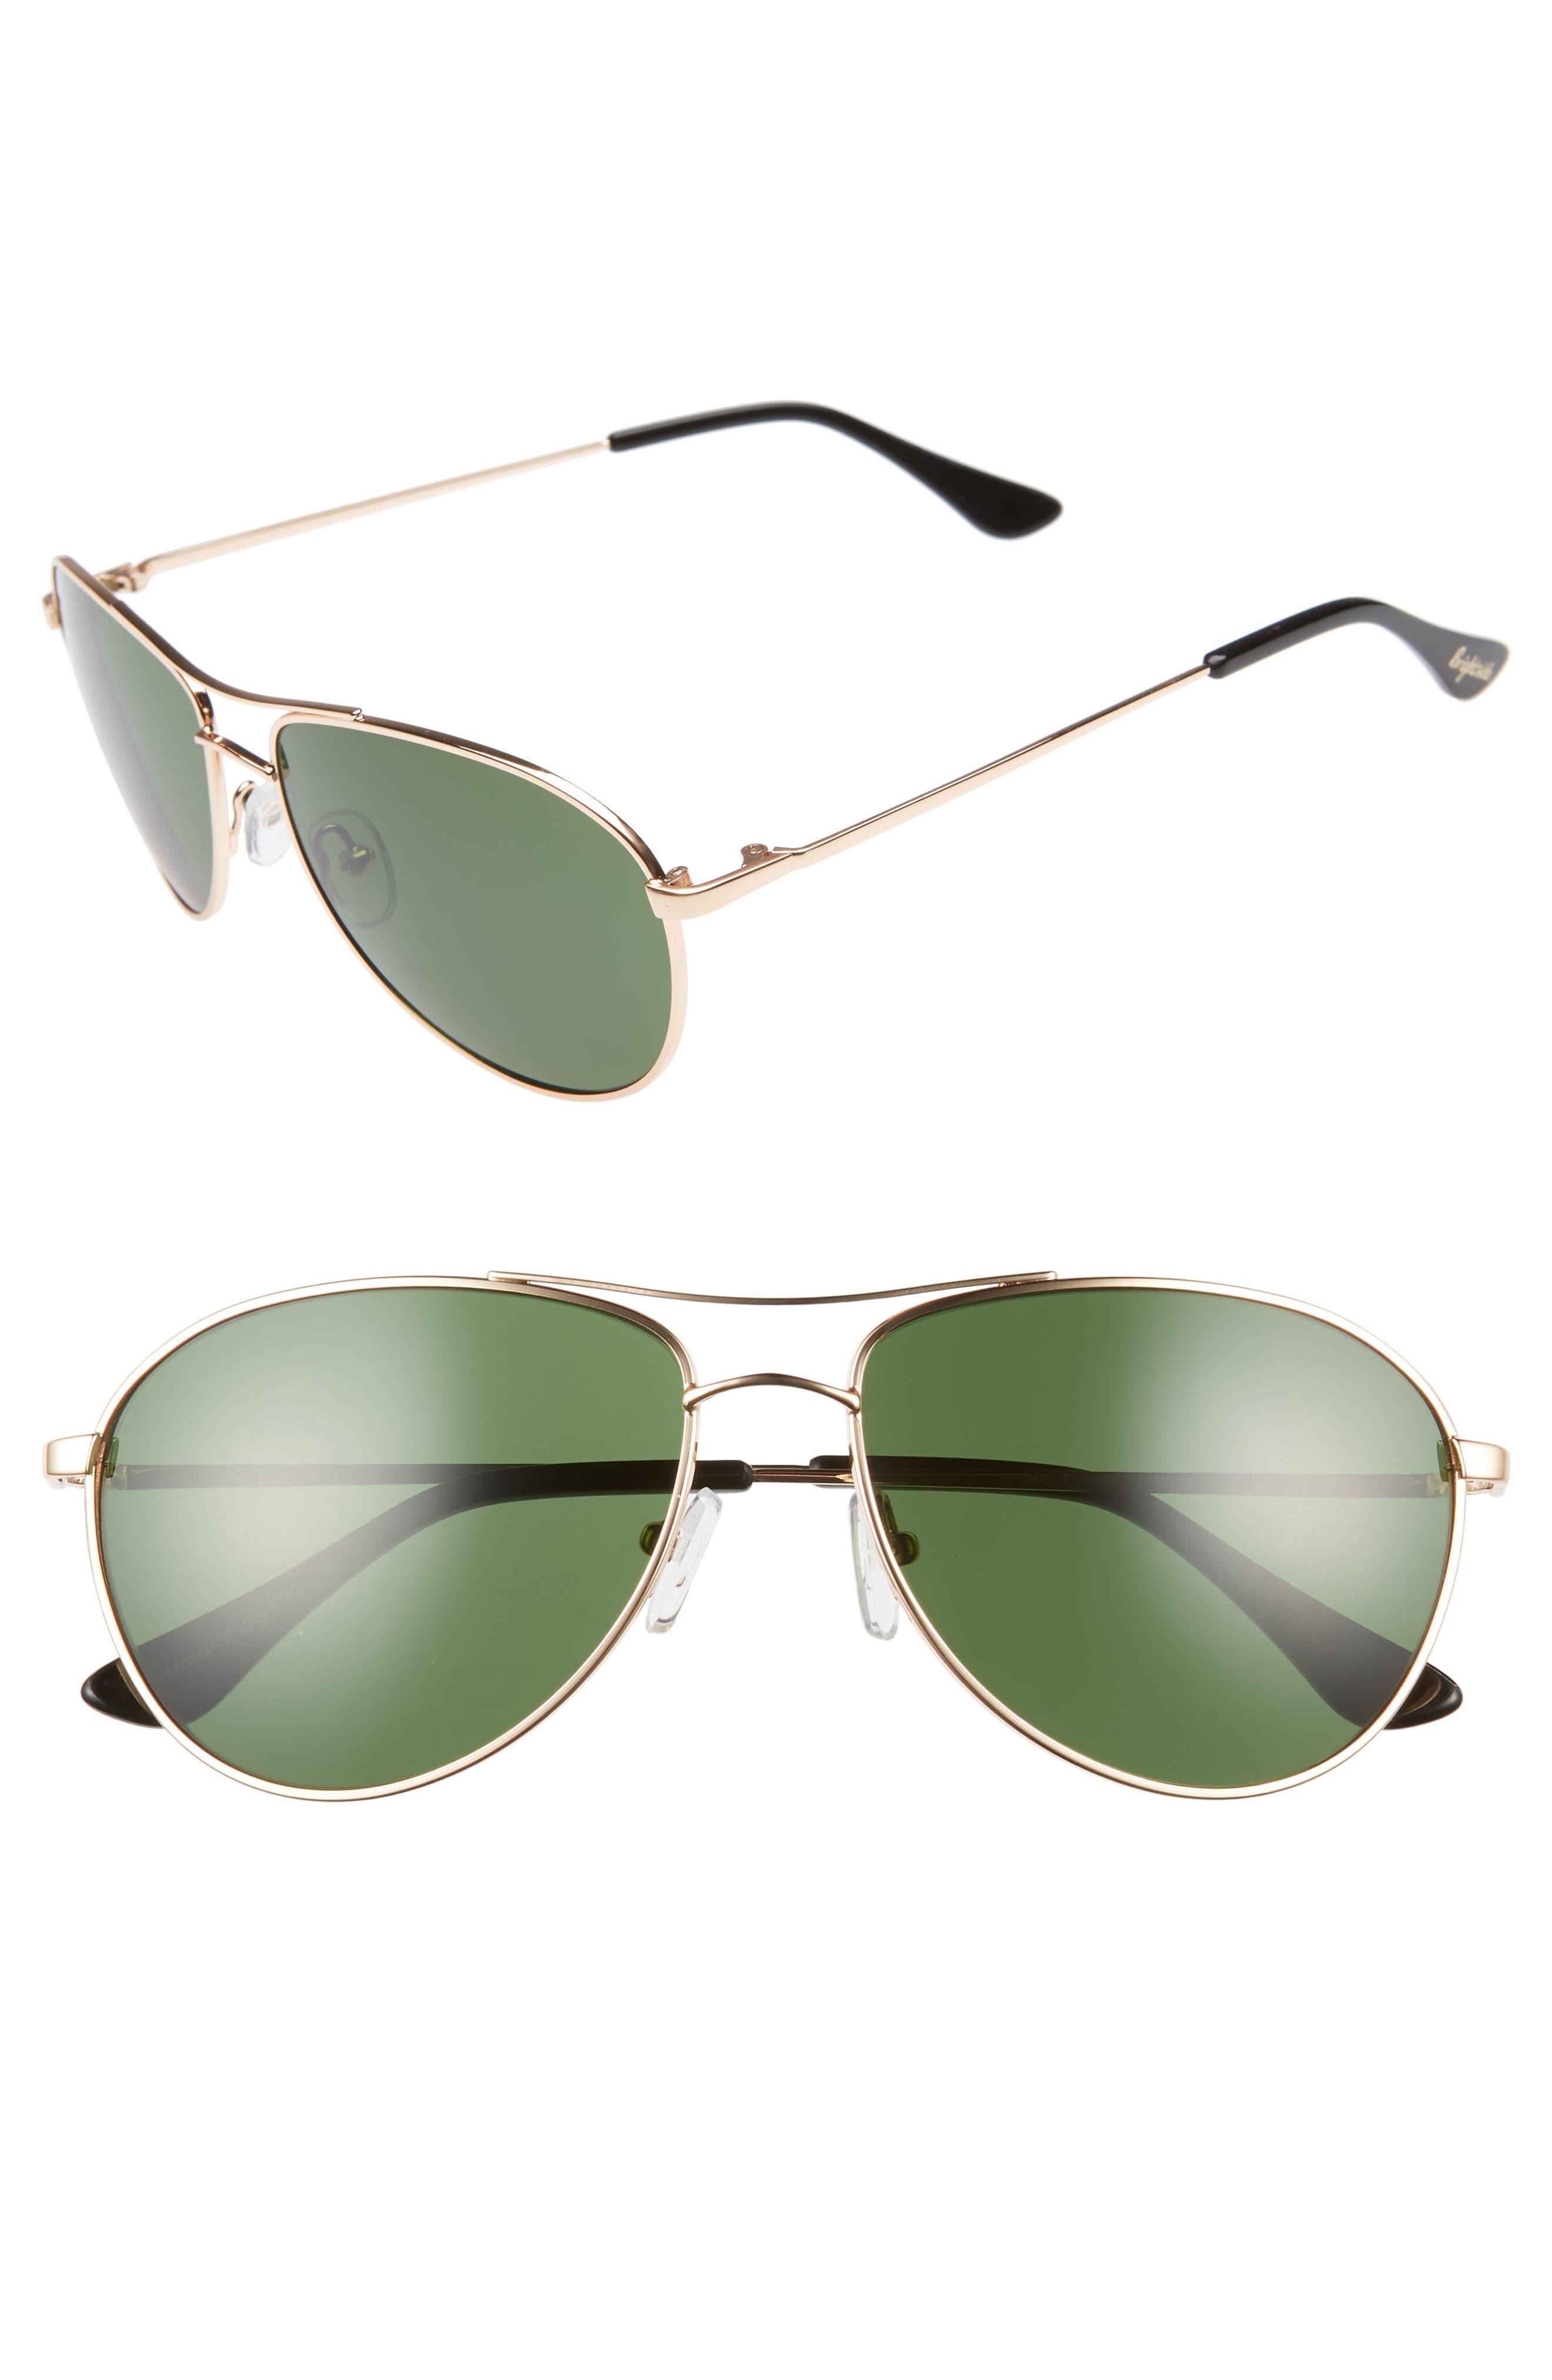 Orville 58mm Mirrored Aviator Sunglasses